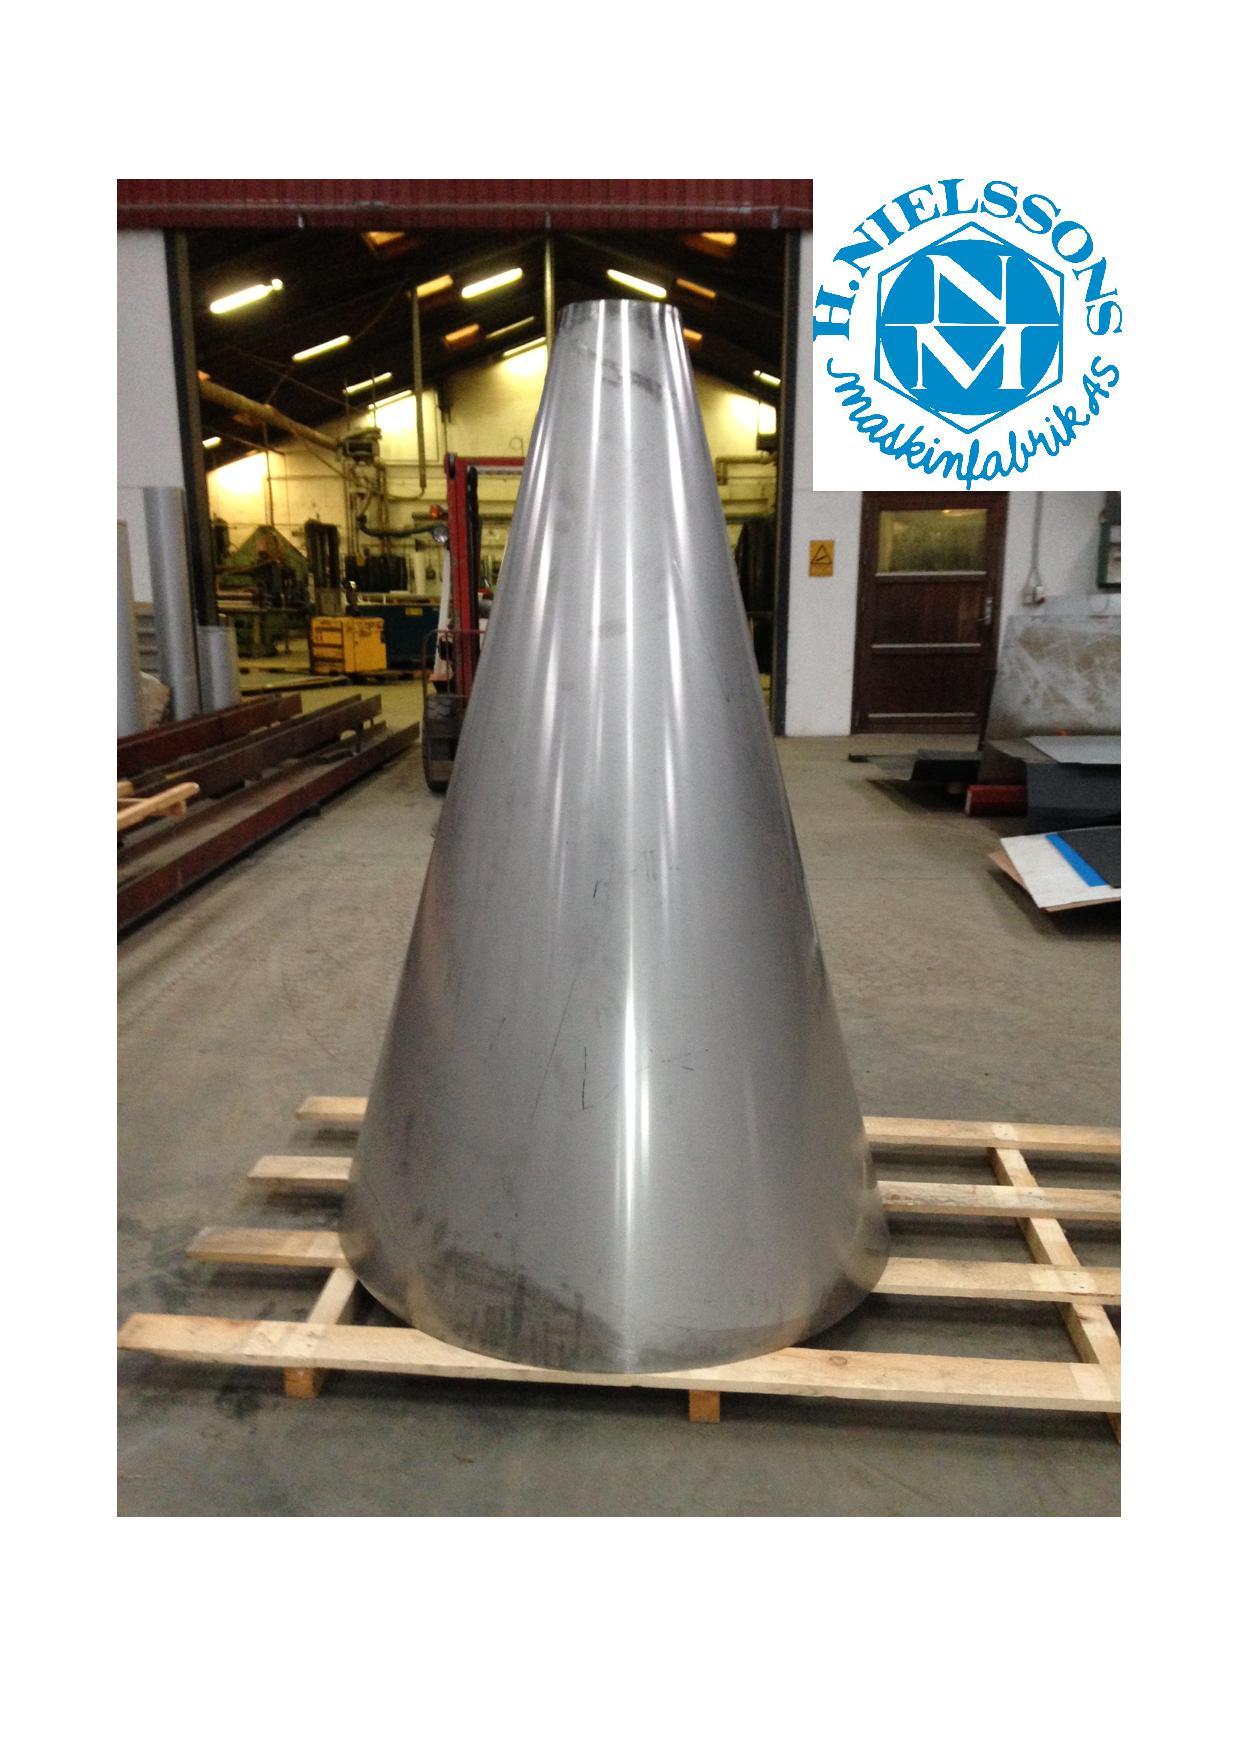 Pladebearbejdning udføres af H. Nielssons Maskinfabrik AS